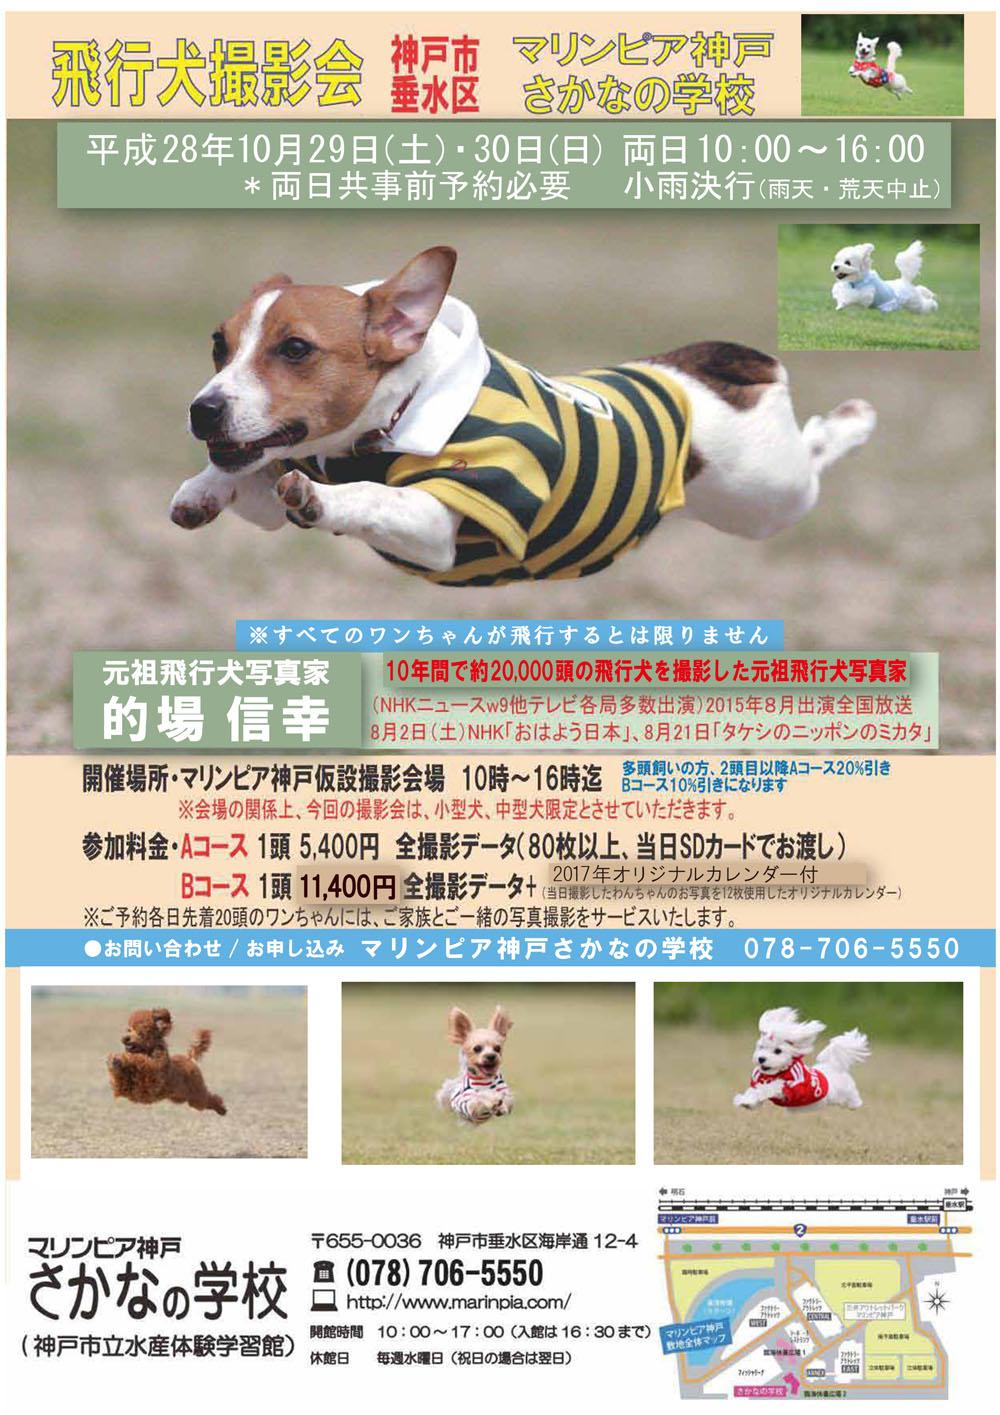 hikouken0001.jpg